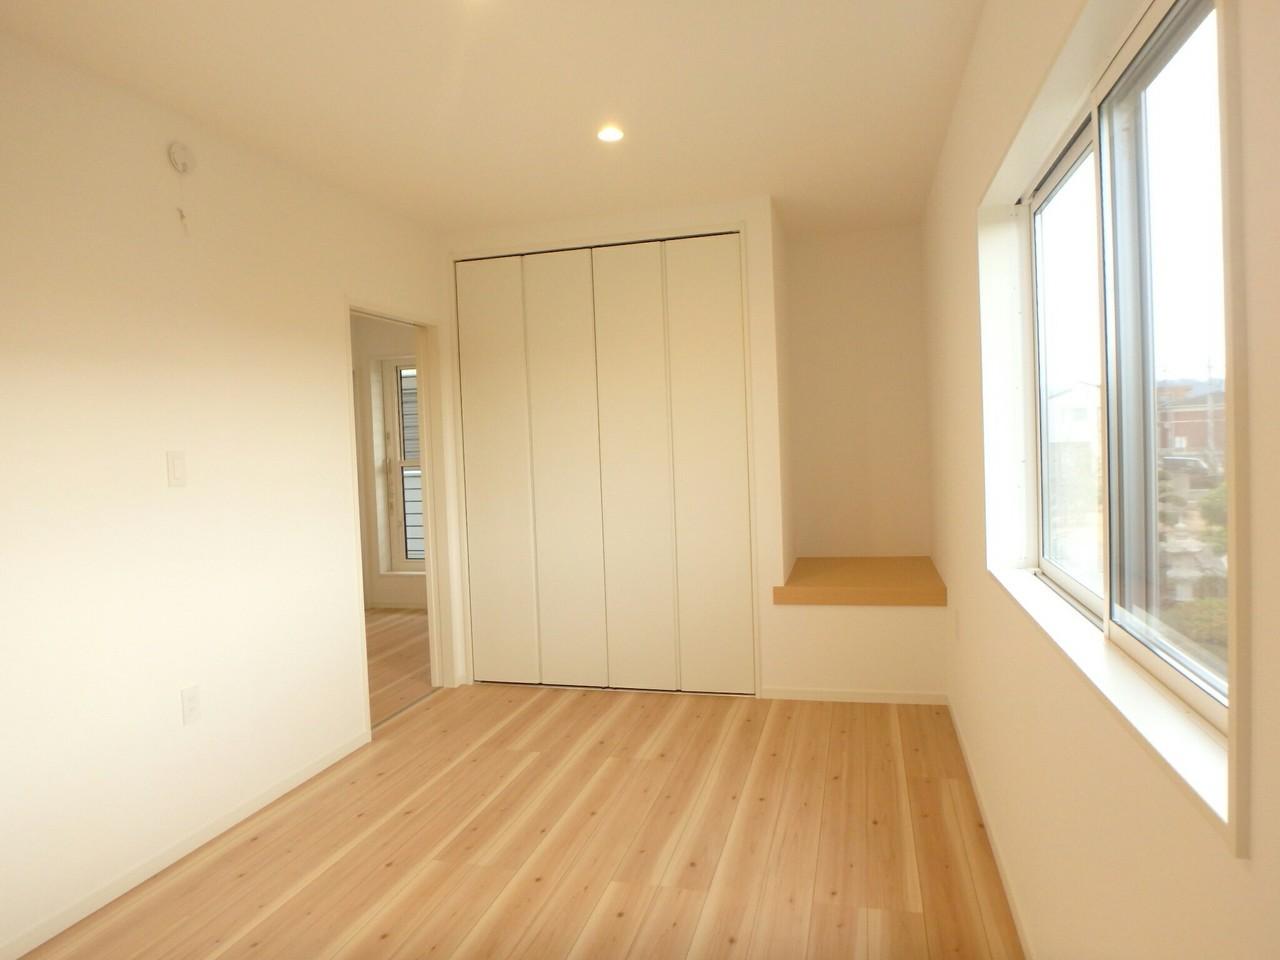 2階洋室には各部屋に収納がついています。 どの収納も洋服がかけられるタイプの収納なのでとっても便利です♪ 収納横にあるちょっとしたスペースも有効的に活用できそうですね。